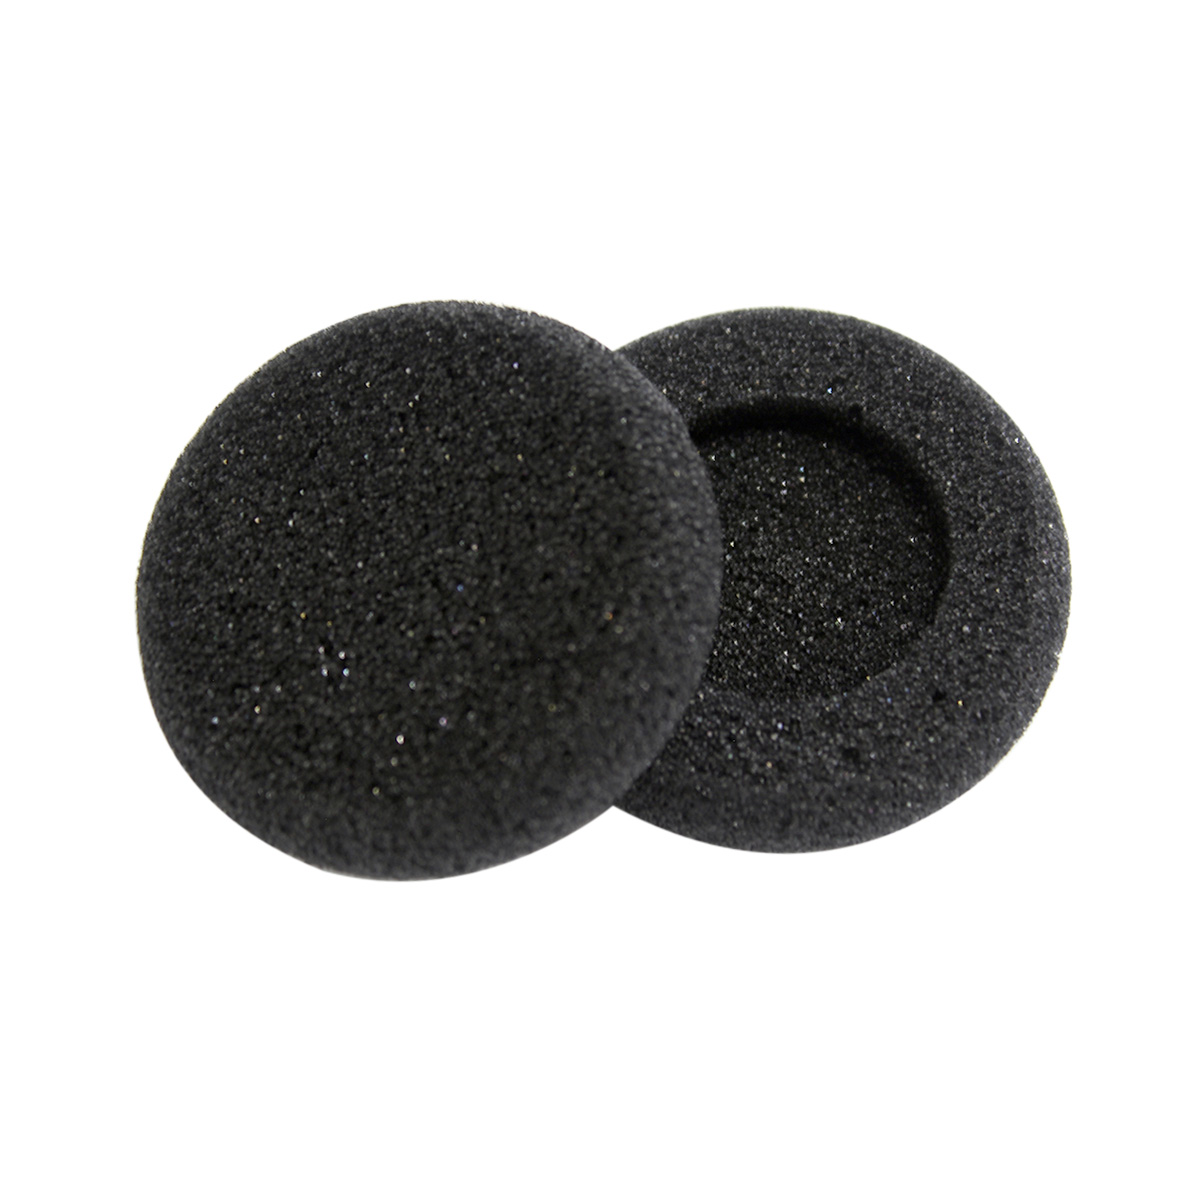 1 Par de Espumas para Fone Ouvido Headset Artika AK01